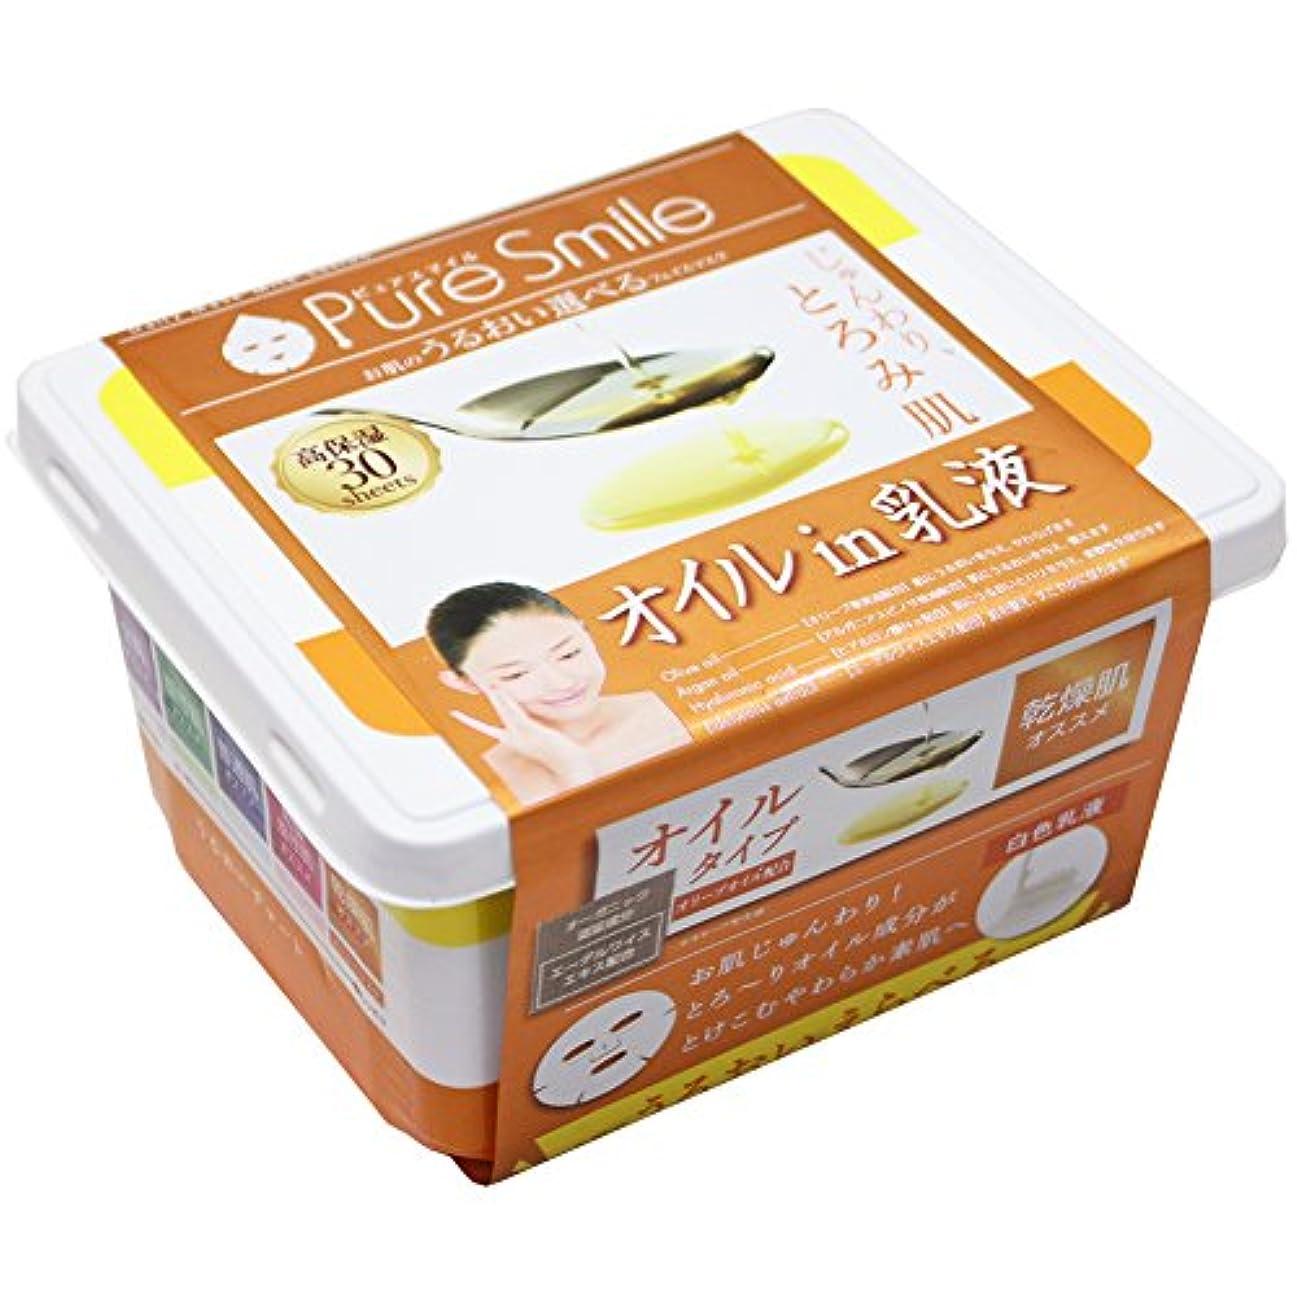 受付持ってる従事したPureSmile(ピュアスマイル) フェイスパック エッセンスマスク 30枚セット オイルin乳液?3S05